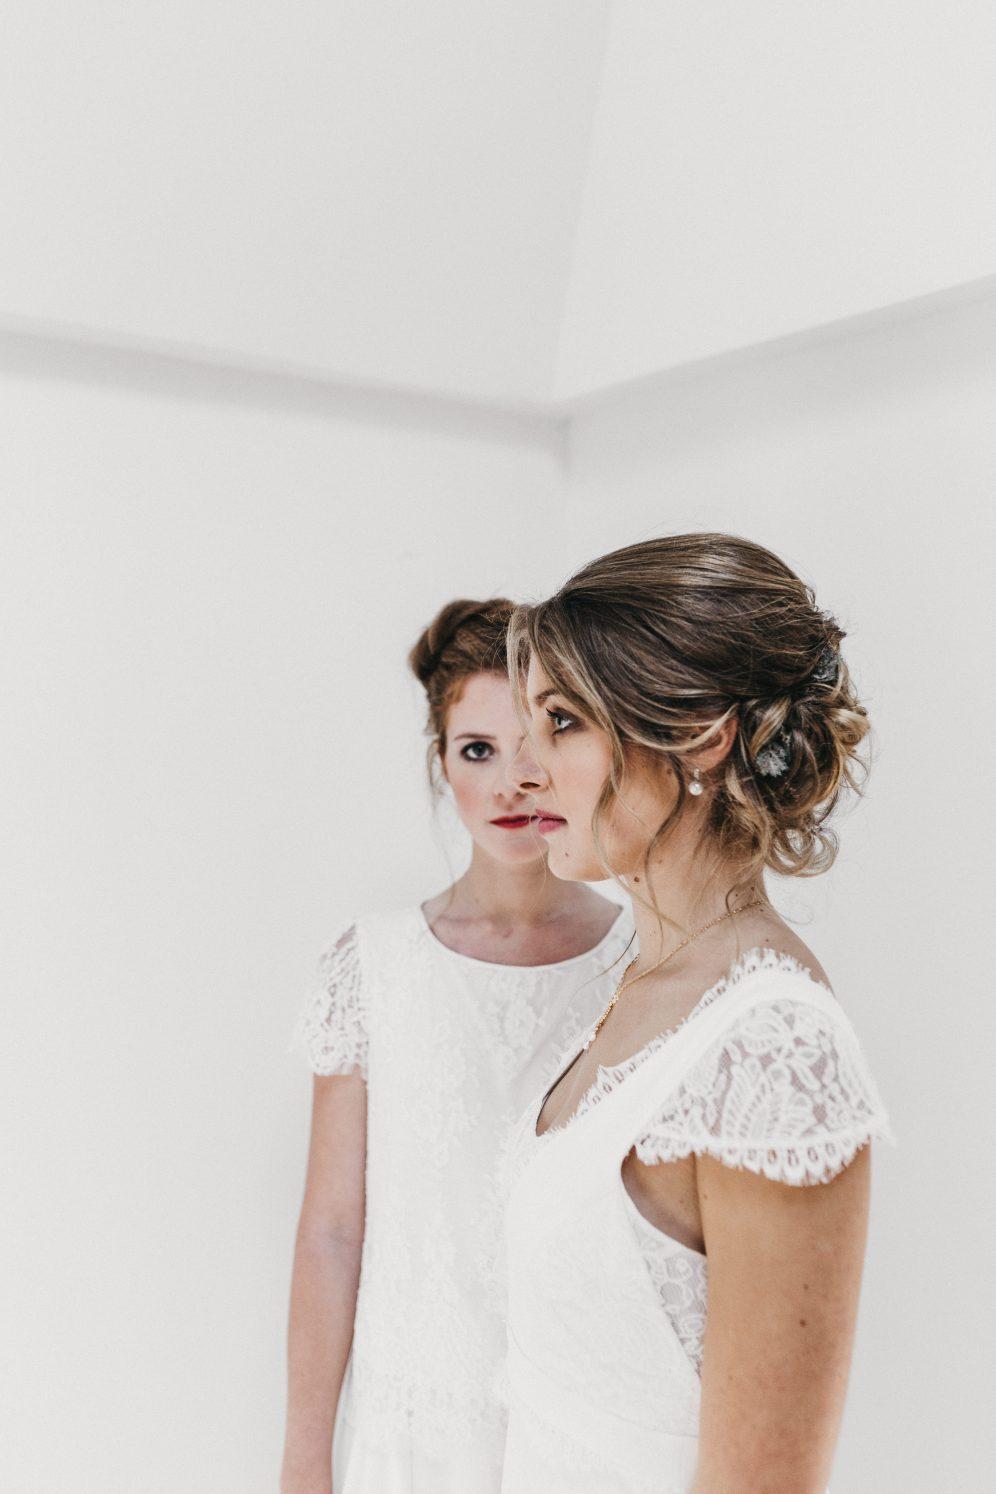 warren-lecart-photographe-paris-mariage-couple-festival-about-love-caen-normandie-108